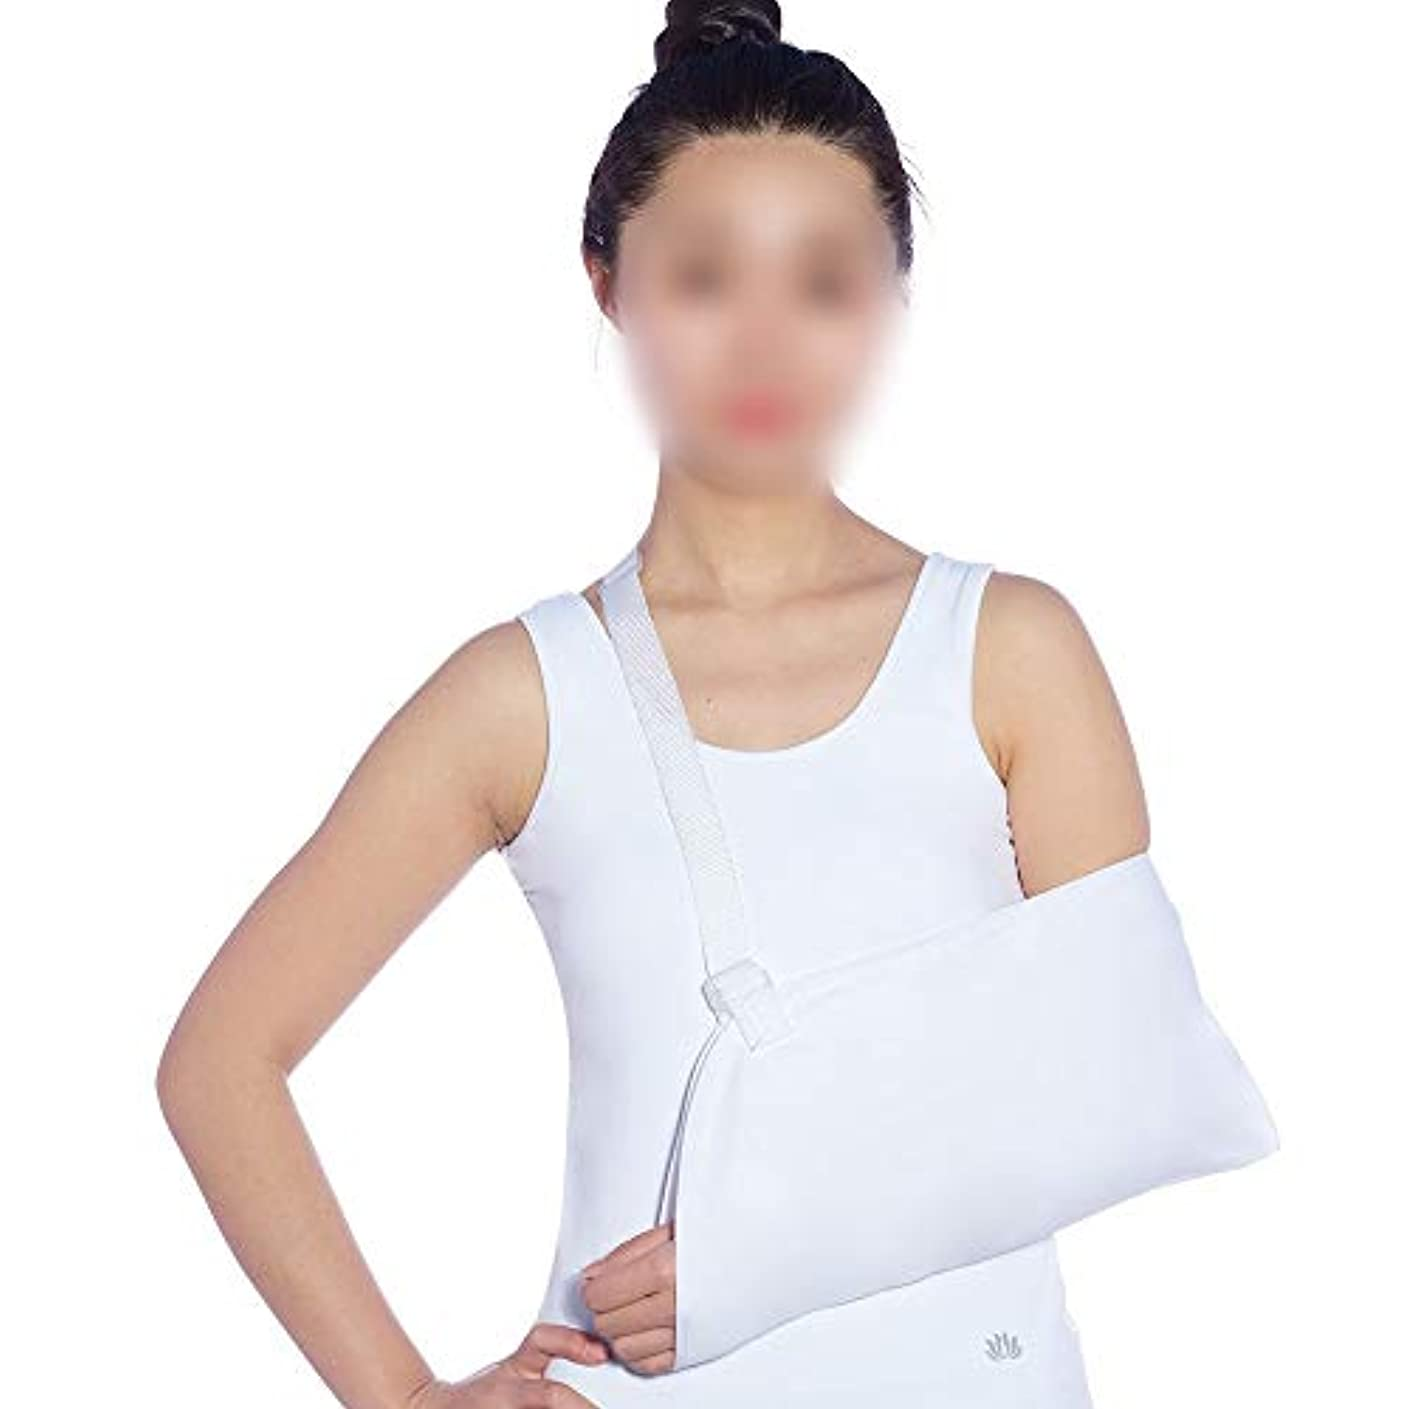 企業揮発性ハプニングZYL-YL メッシュ通気性の前腕ストラップリストストラップ骨折固定多機能アームバンドストラップ装具ツールアームスリング